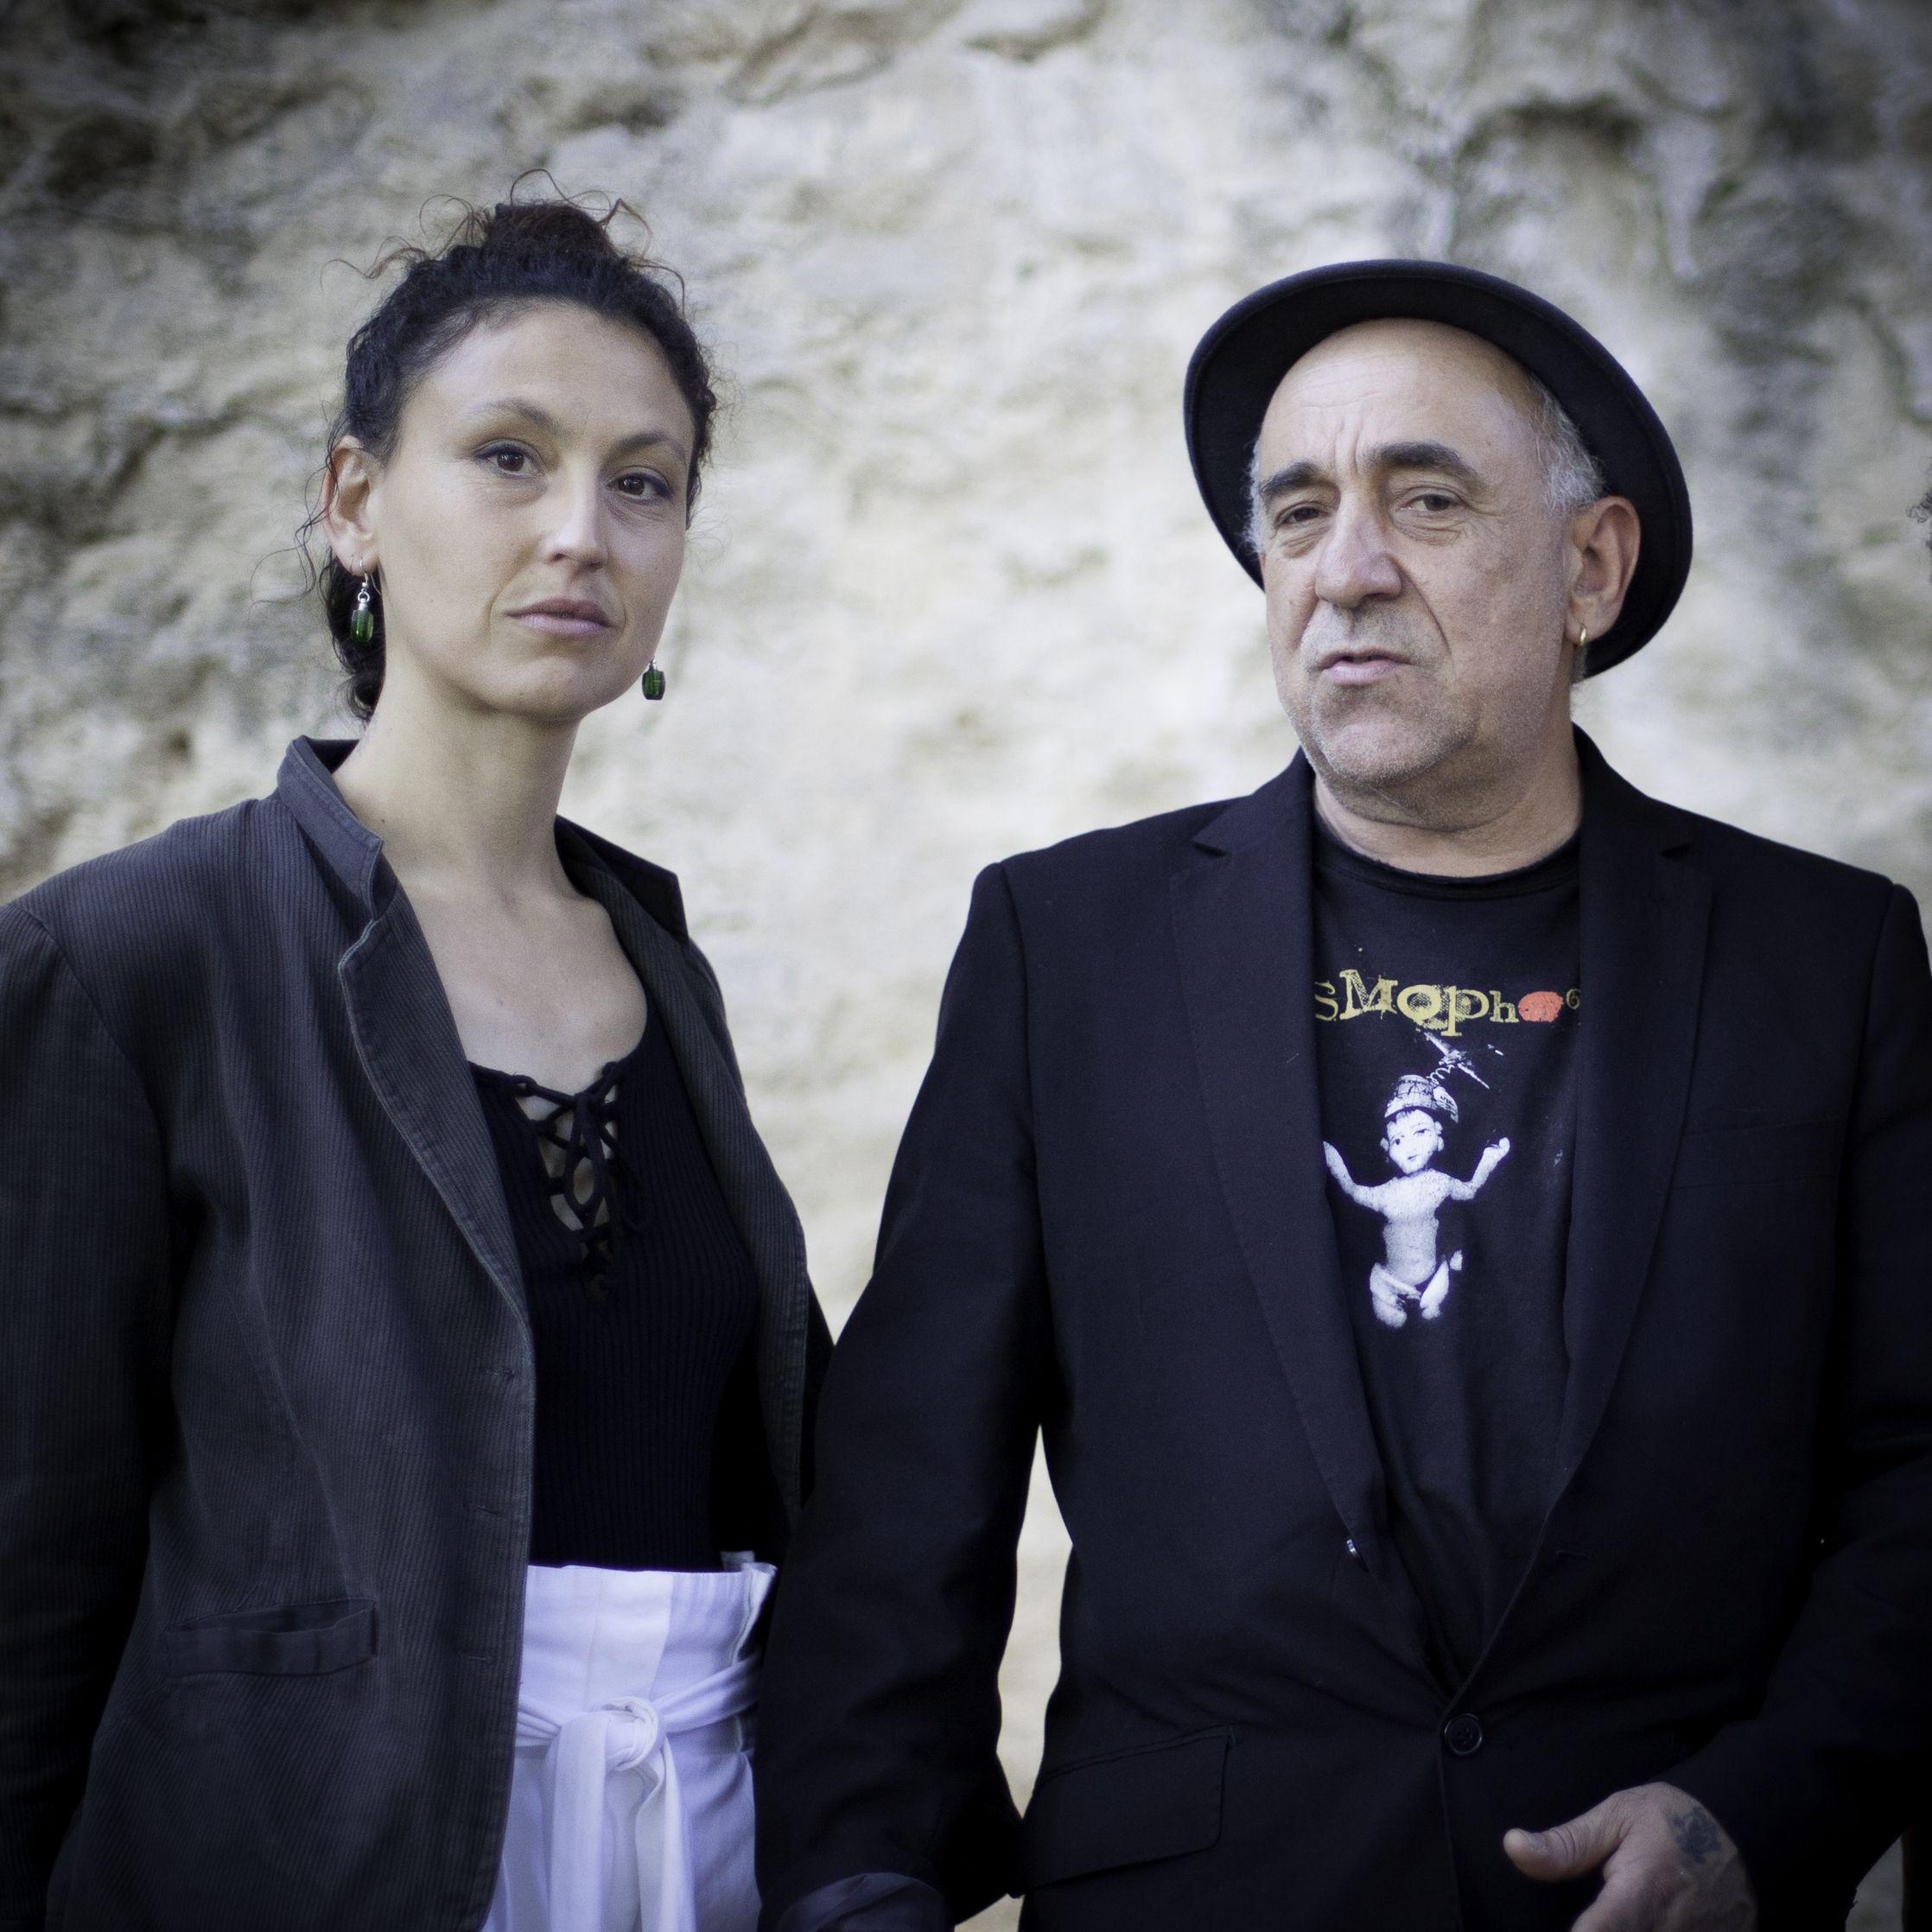 OTTILIE B et DENIS PEAN (crédit photo Mathieu Mangaretto)